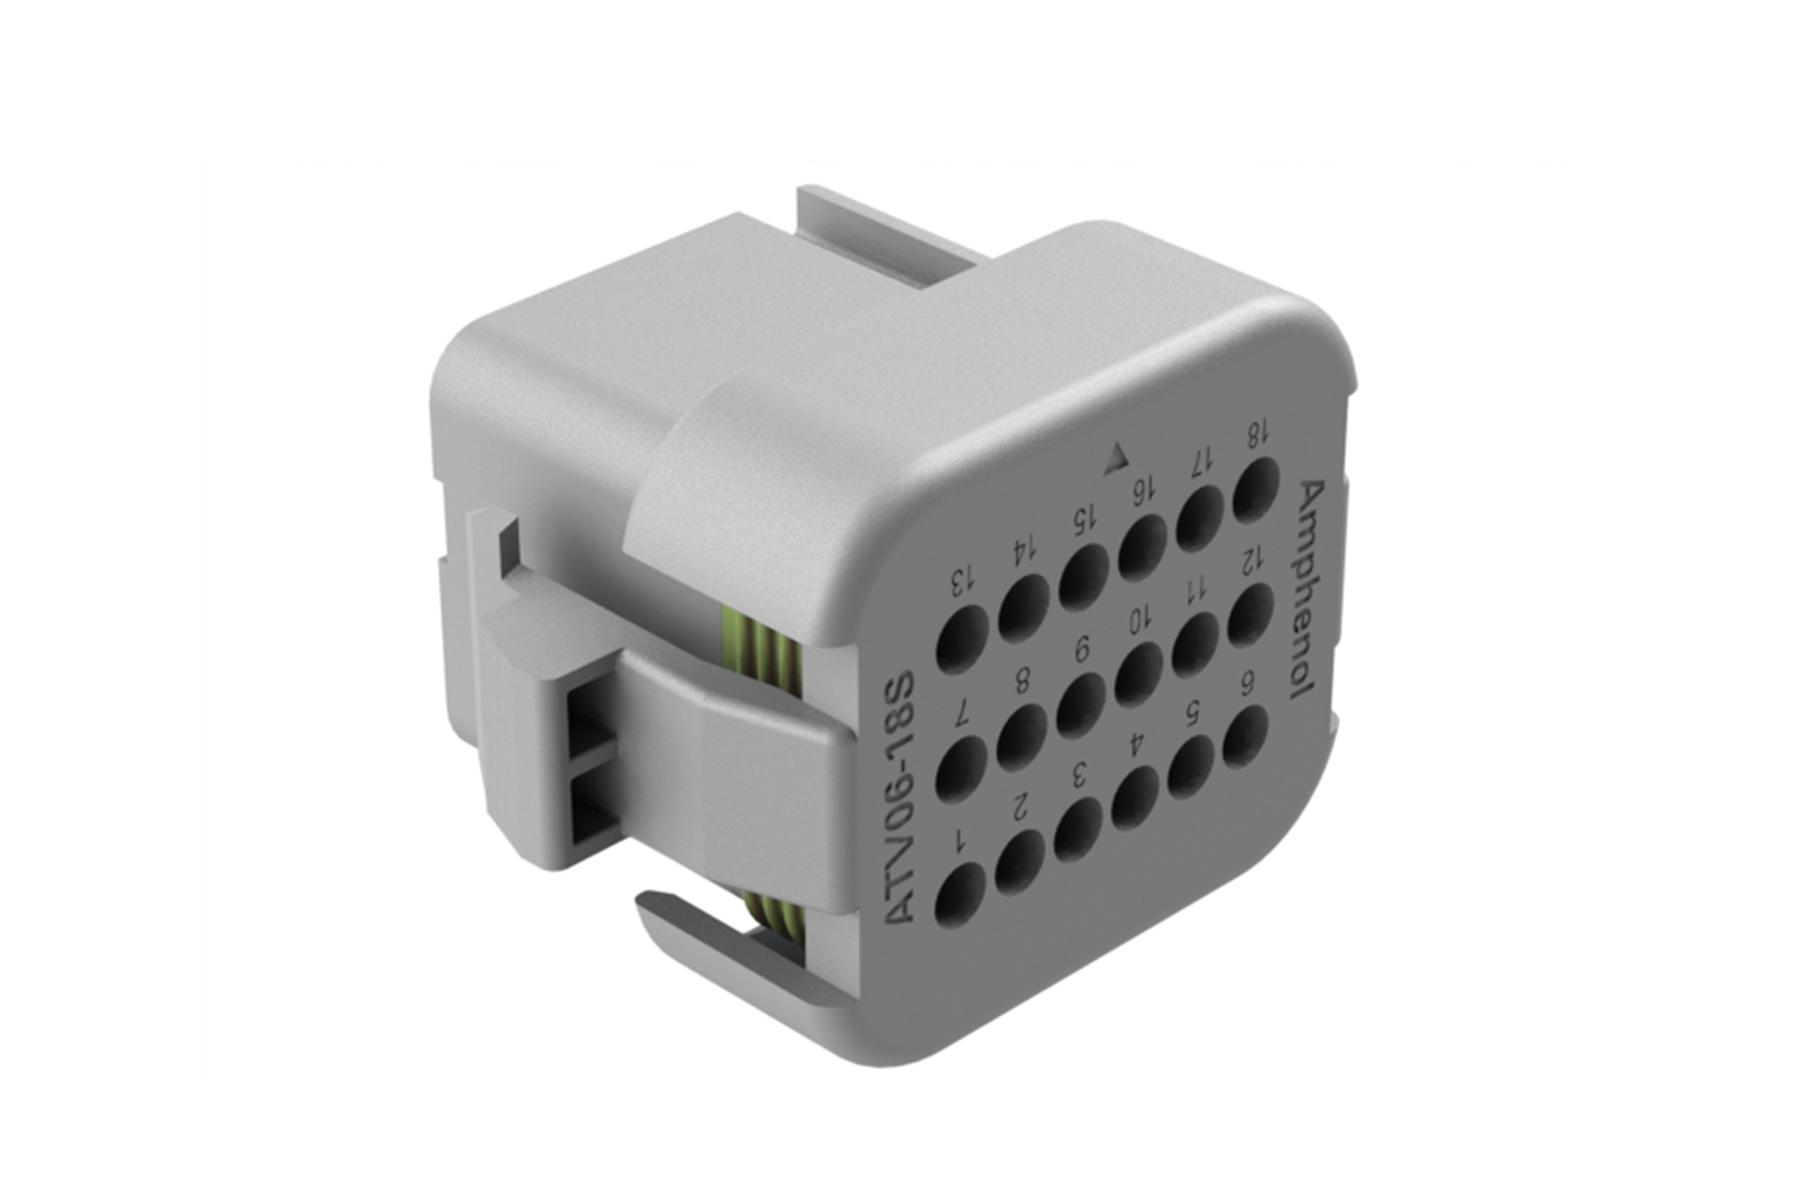 ATV06-18SA-RR01 18 position plug, Size 16 contact, key A